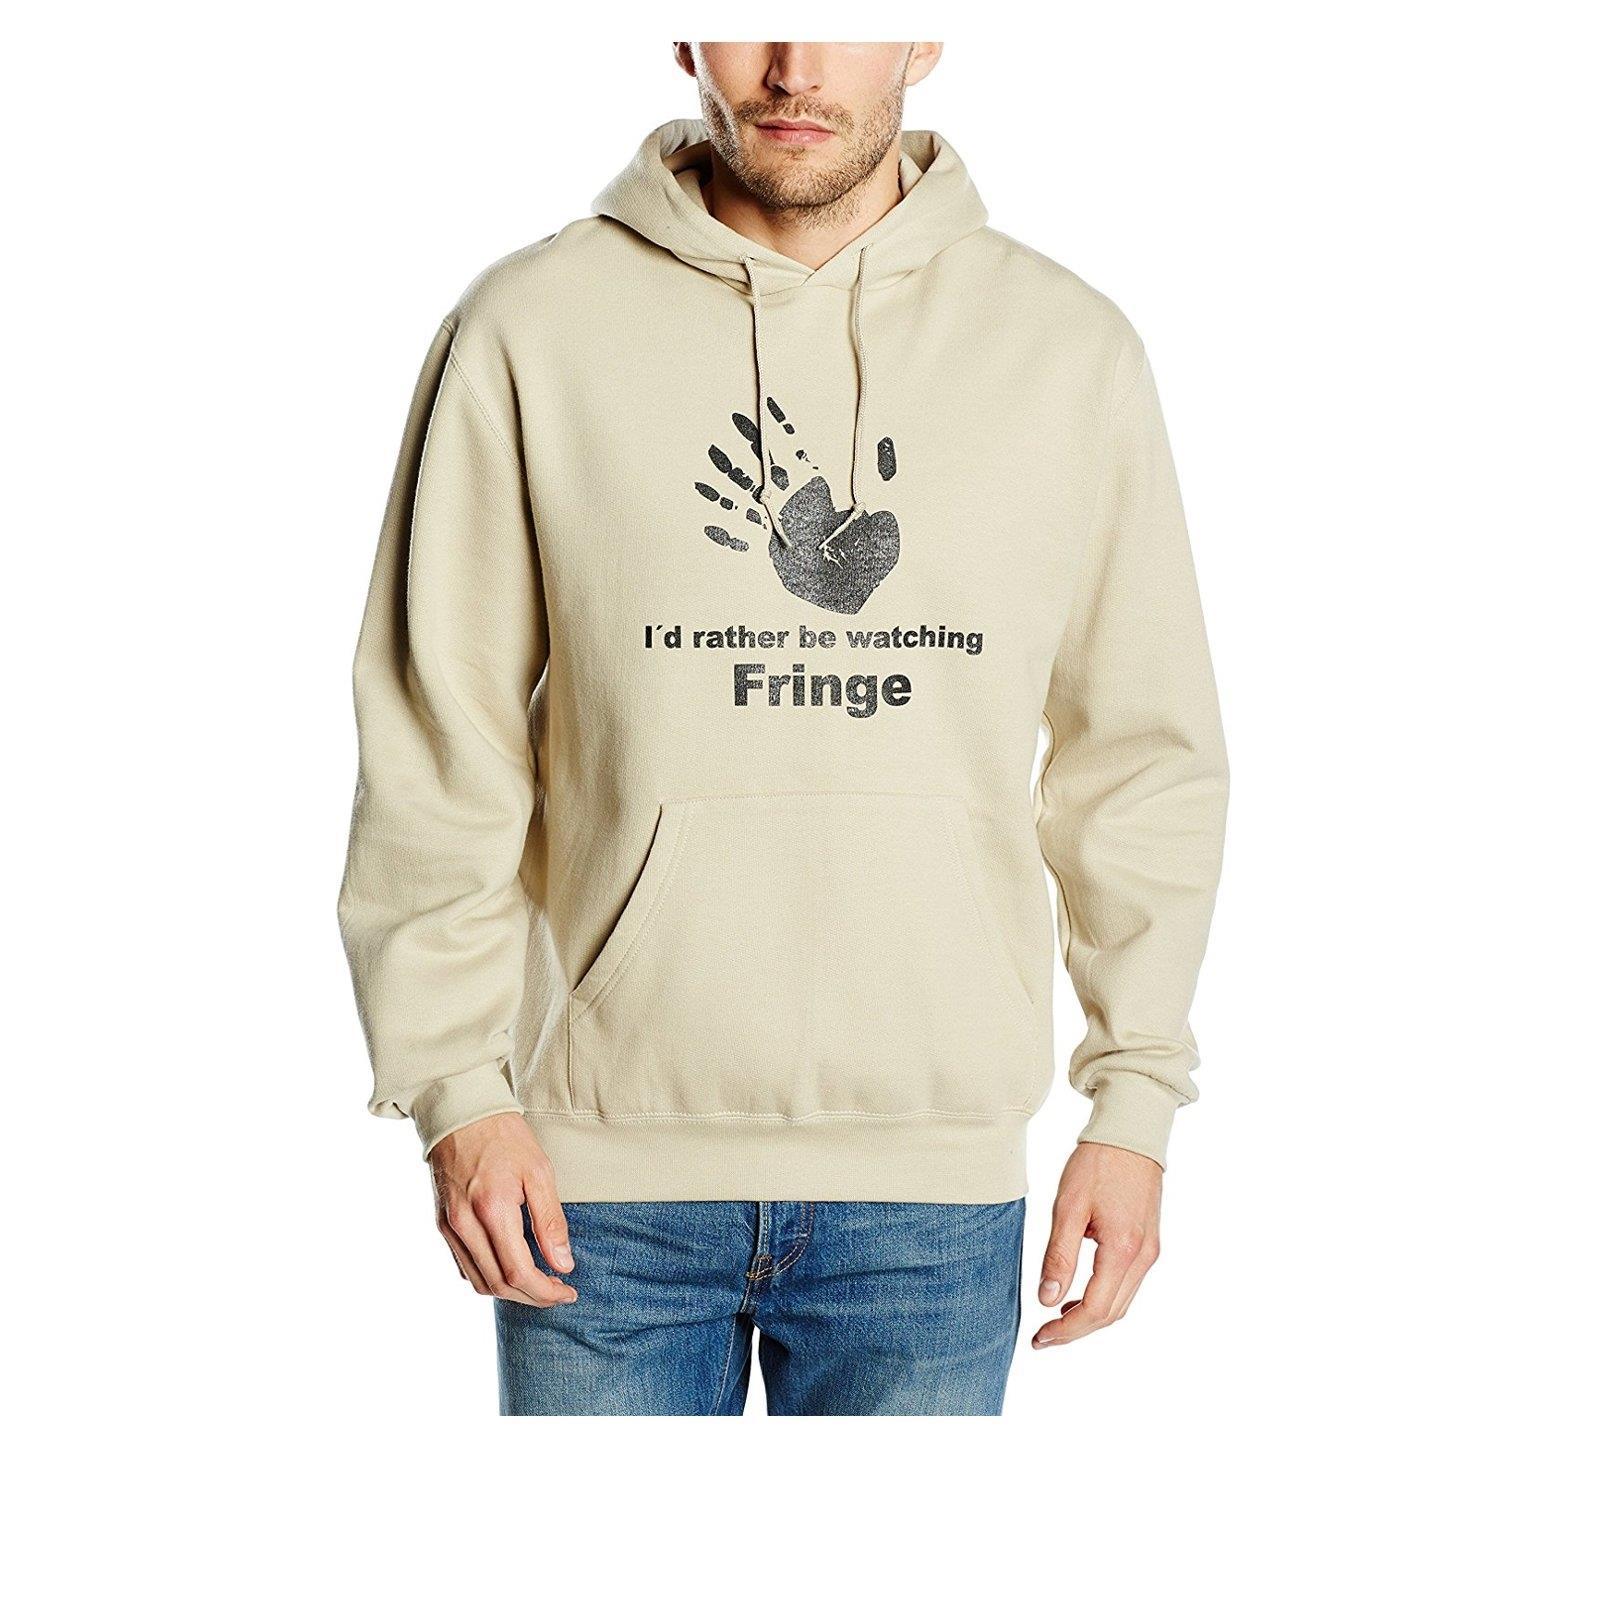 herren kapuzen pullover jacke hoodie sweatshirt pulli zip. Black Bedroom Furniture Sets. Home Design Ideas